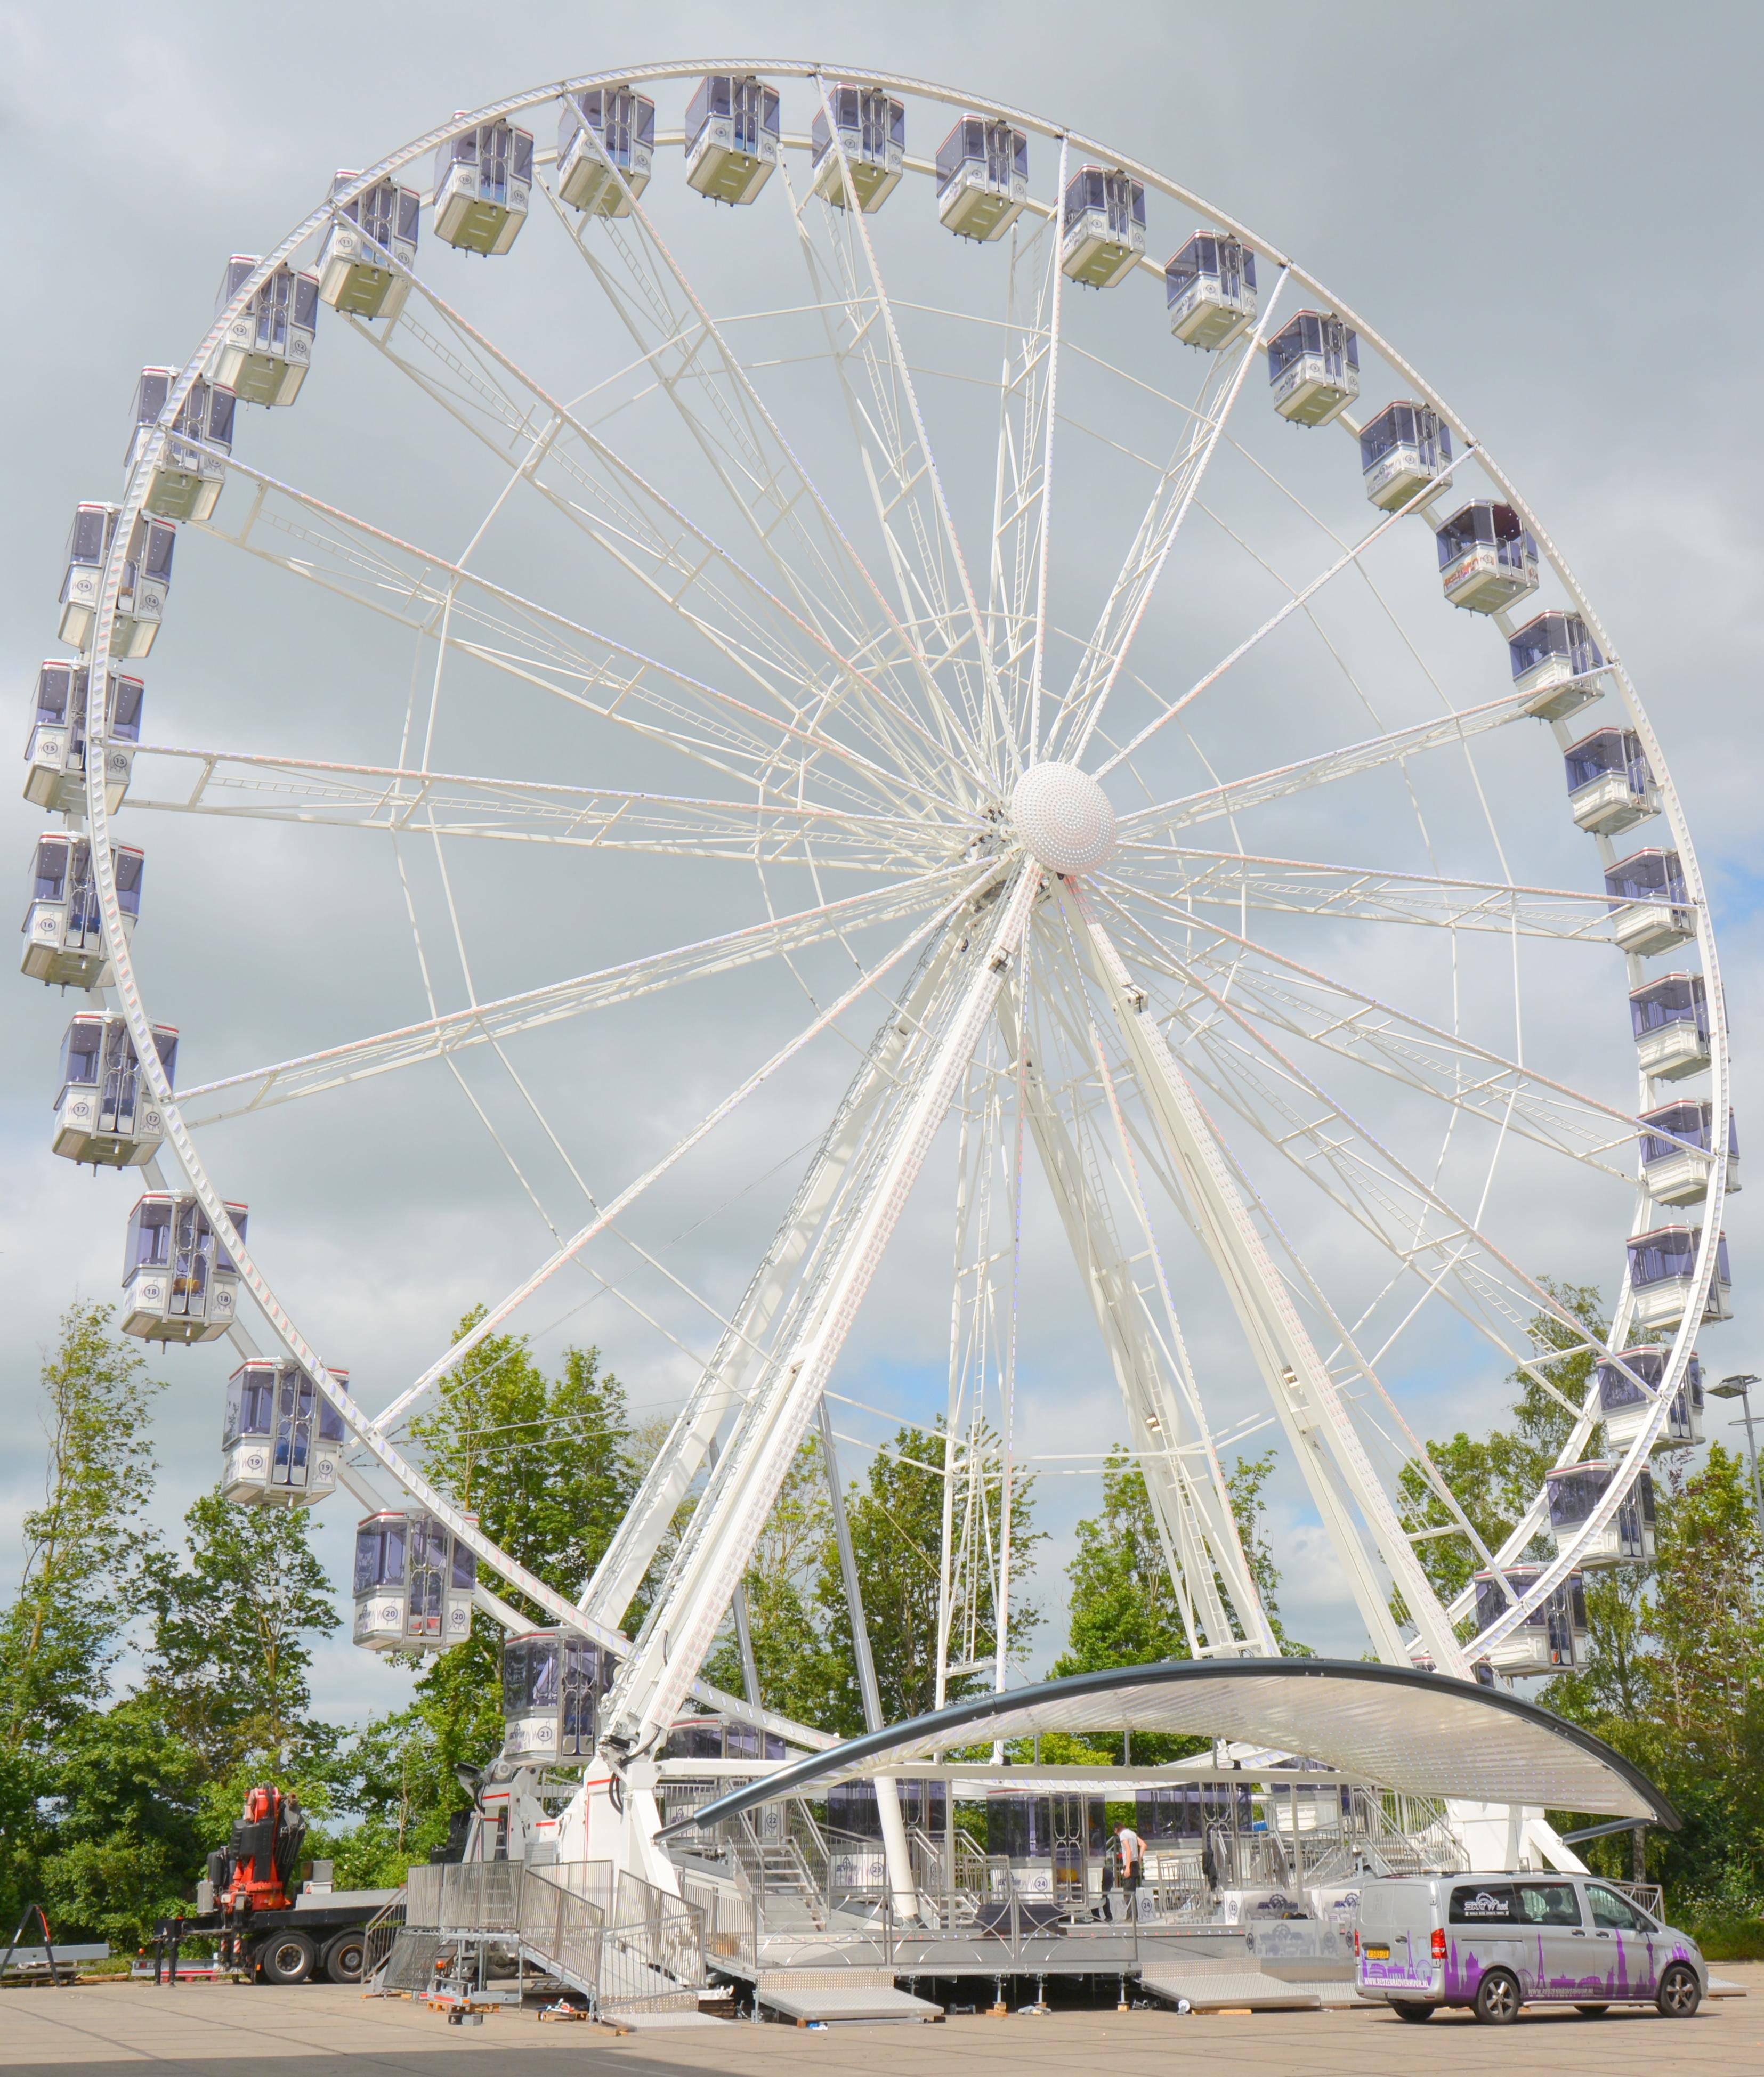 Gigantisches Riesenrad auf VSE gelenkter Sattelanhänger!